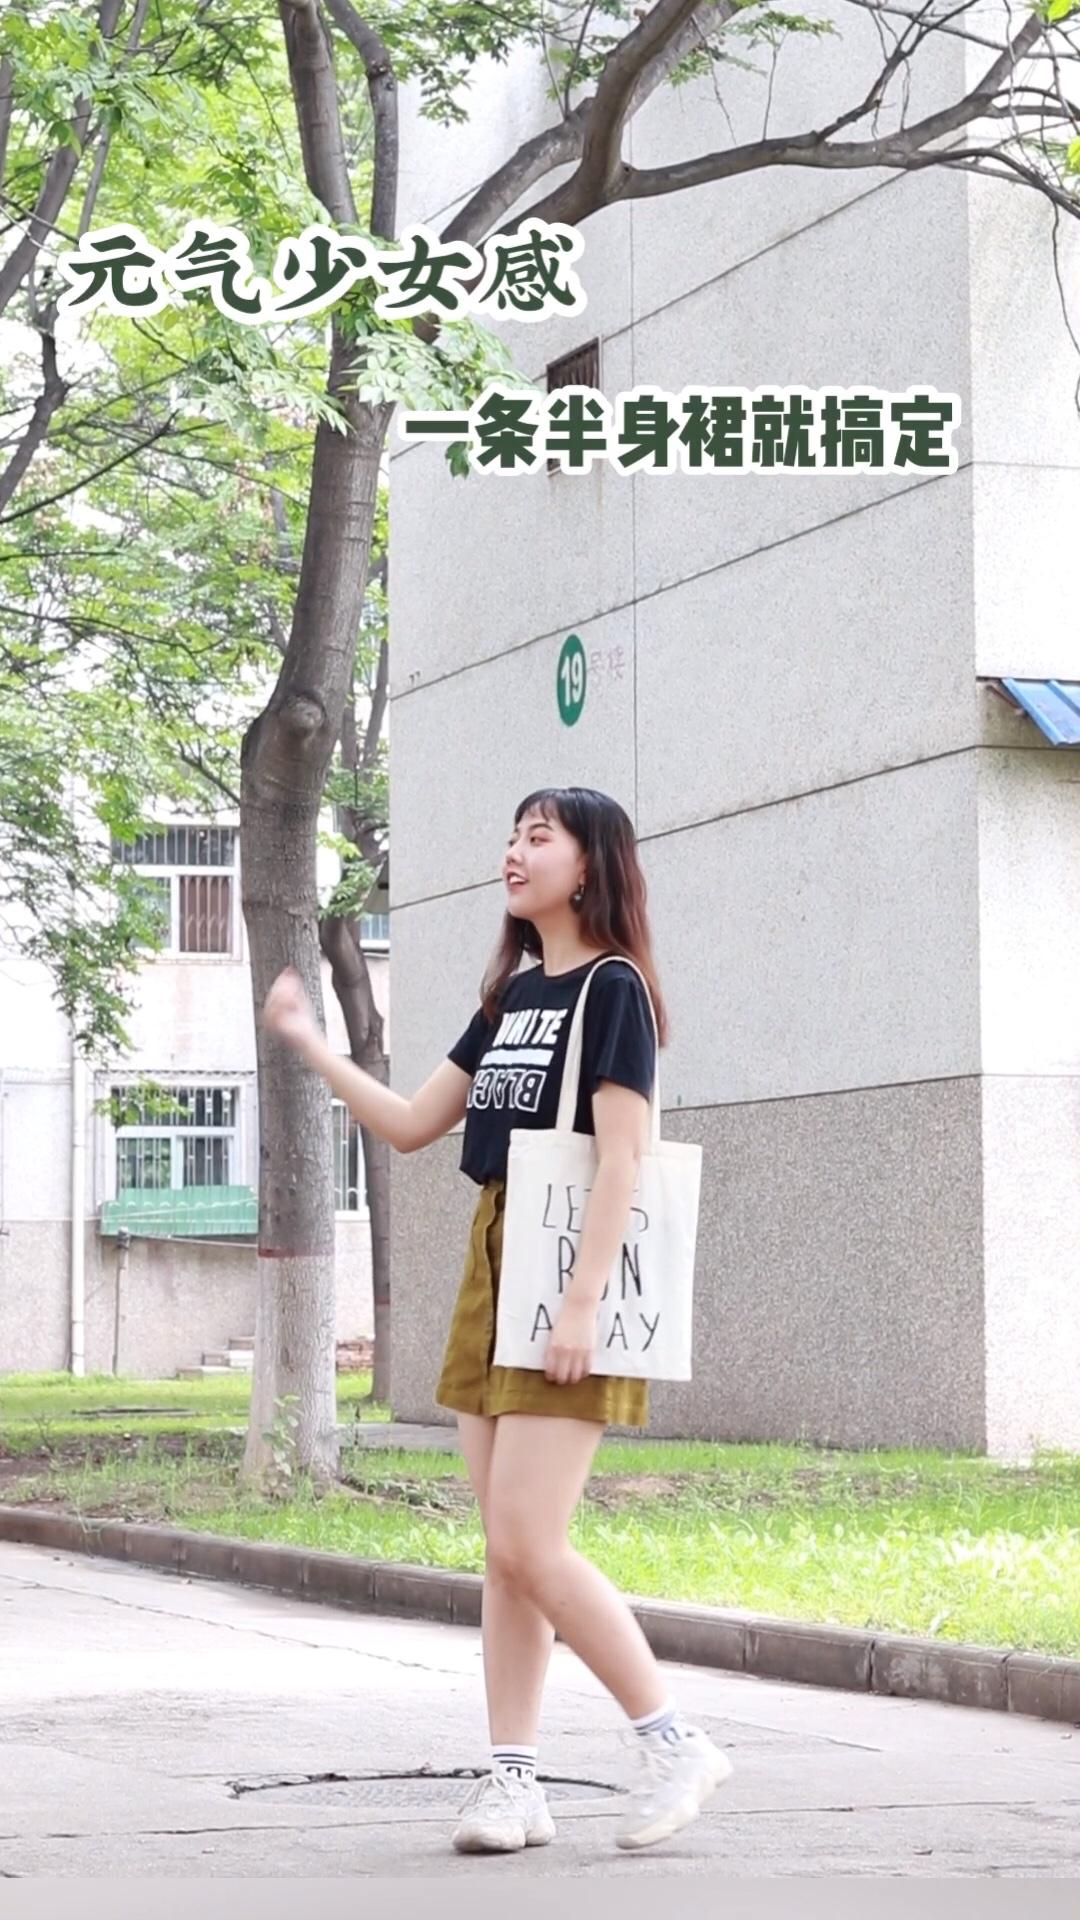 #T恤搭半裙的100种穿法# 上衣是一件黑色的白色印花T恤 版型宽松 短款设计 下身是一条果绿色的牛仔半身裙 高腰设计 矮妹子也不用担心 而且一点也不会显胯宽 非常适合梨形身材的女孩